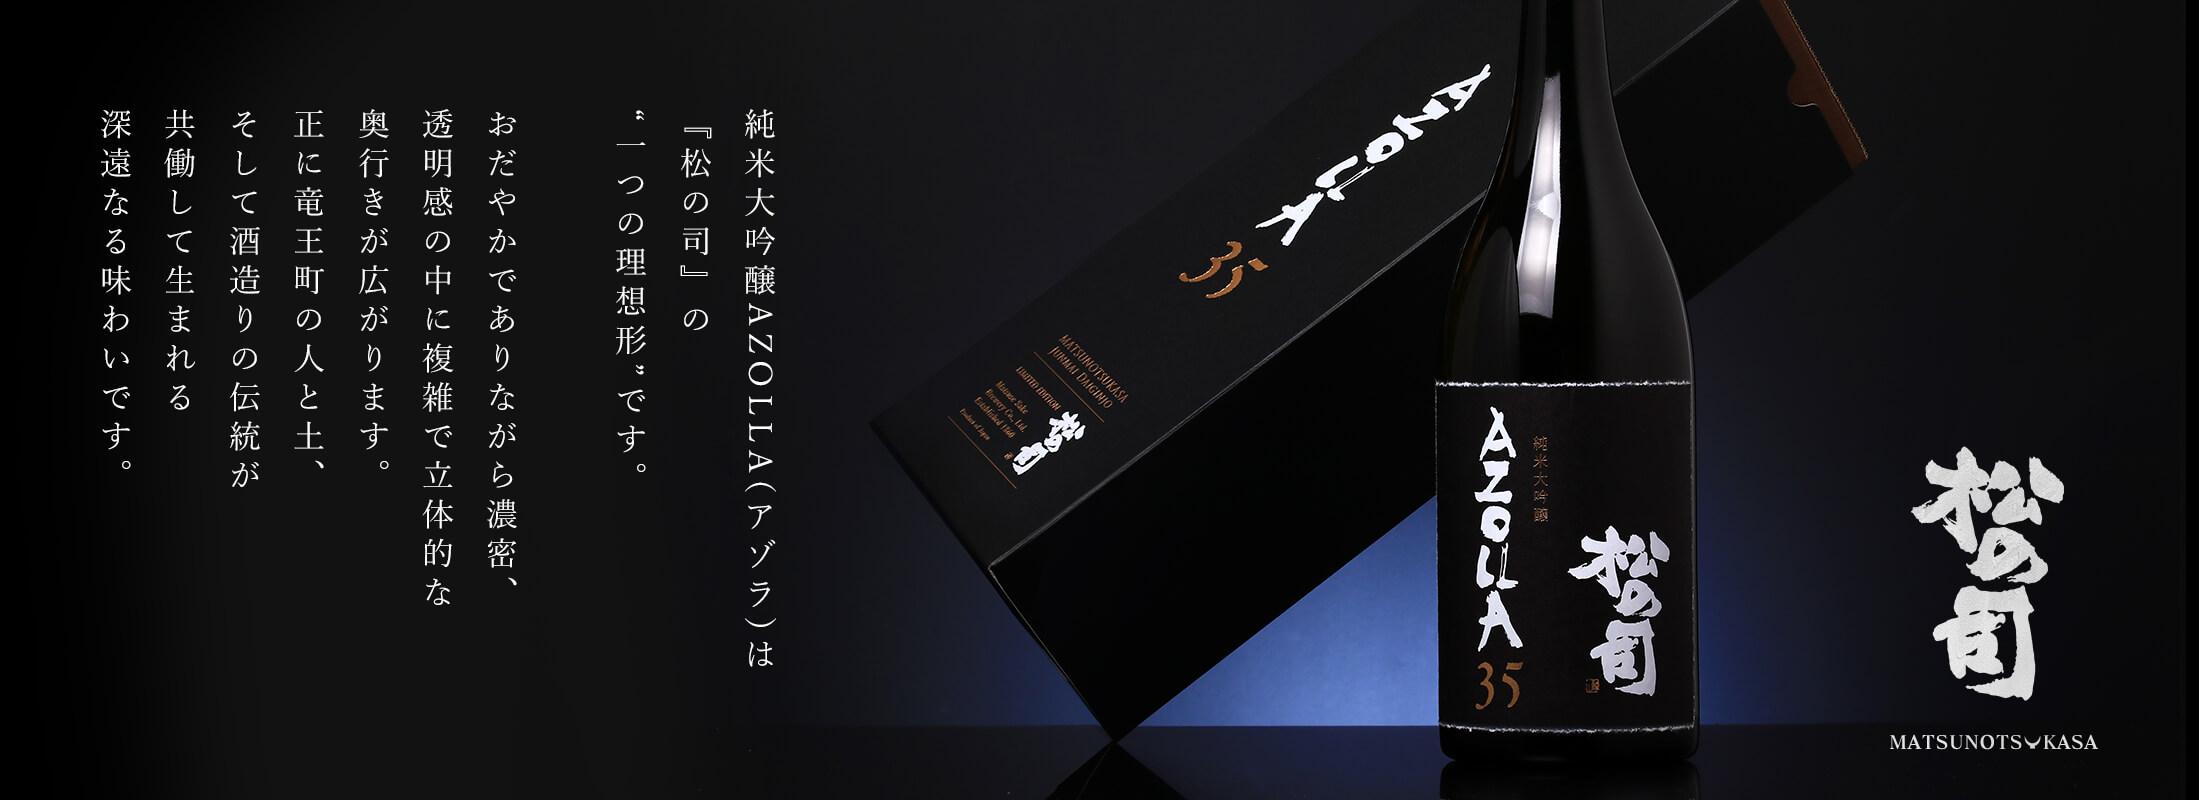 松の司 純米大吟醸 AZOLLA35